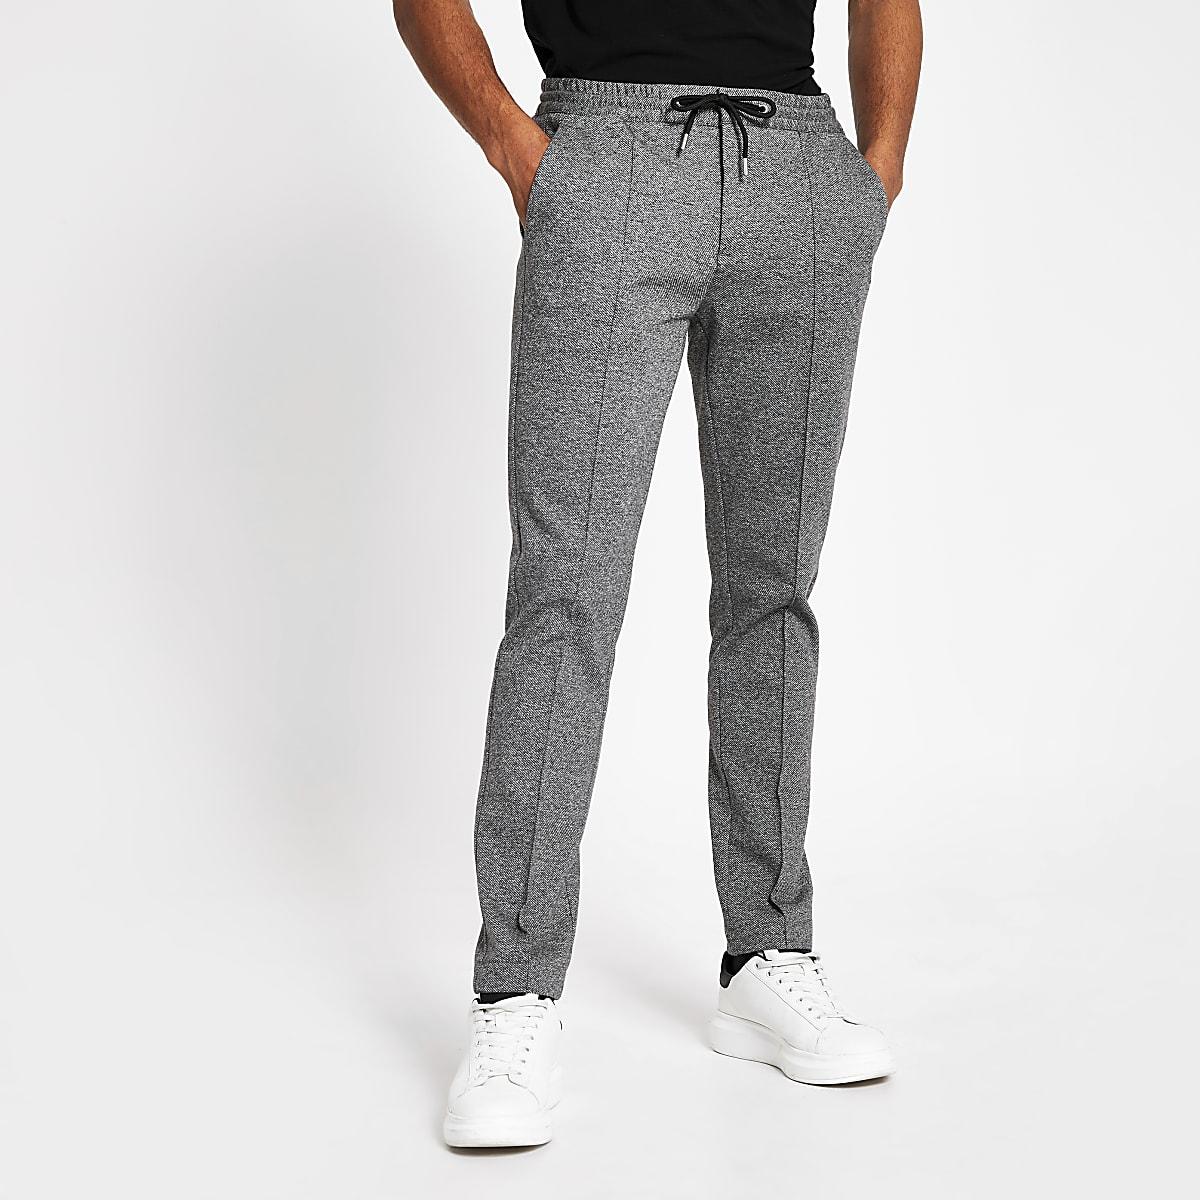 Pantalon de jogging skinny fuselé habillé gris foncé